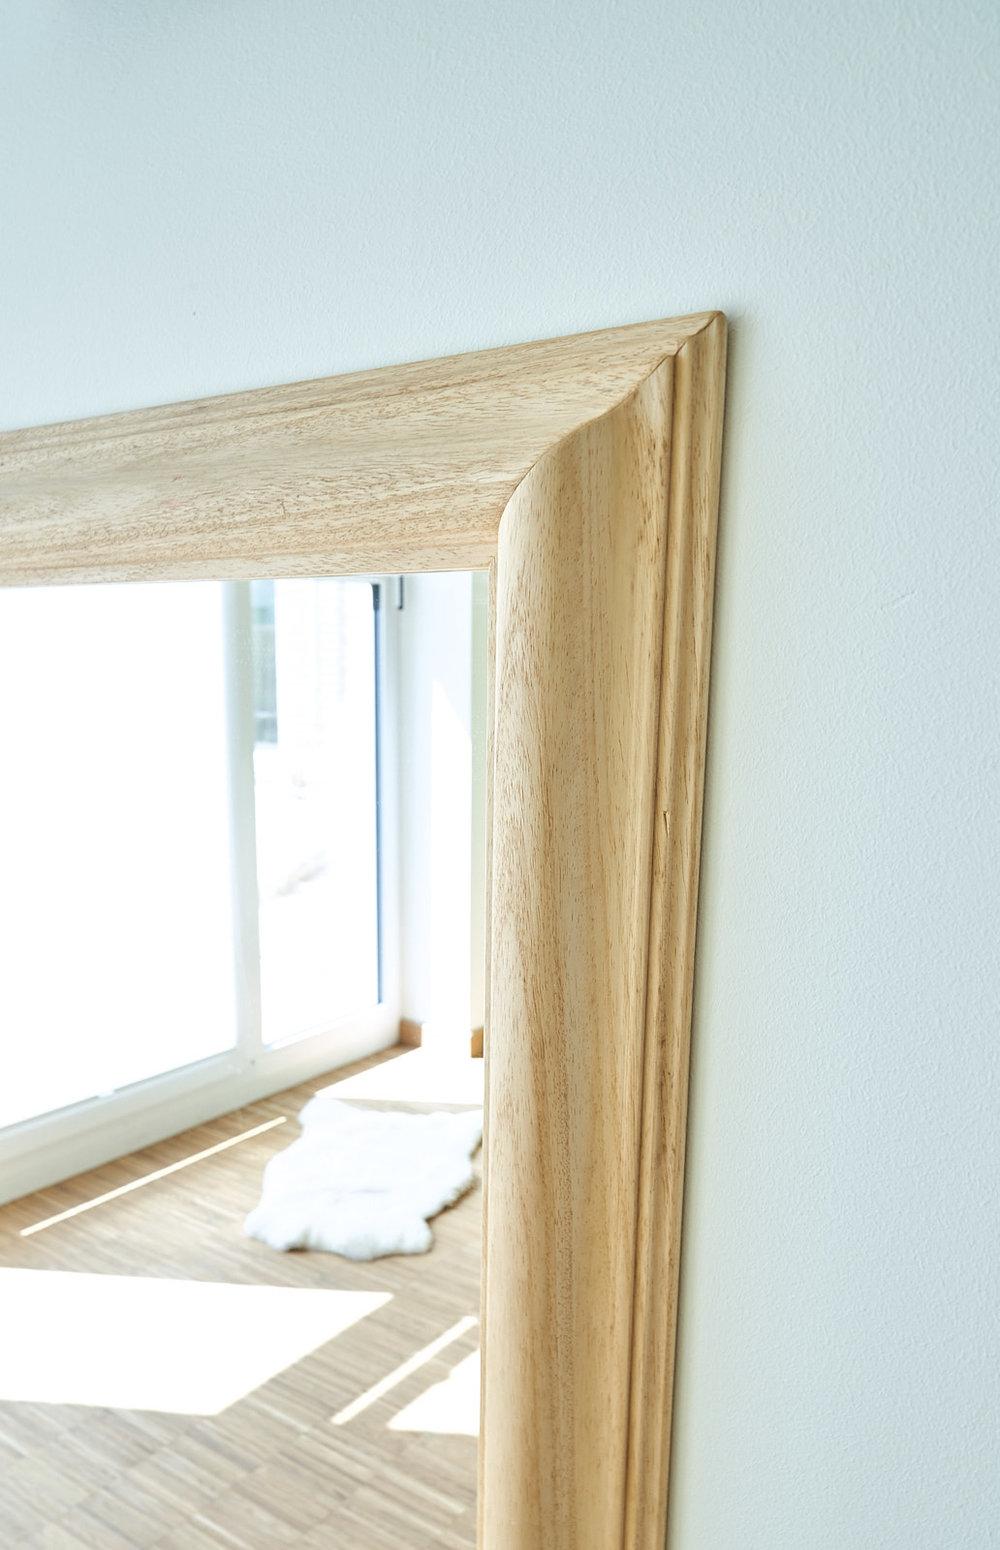 Spiegel mit Handlauf 02.jpg